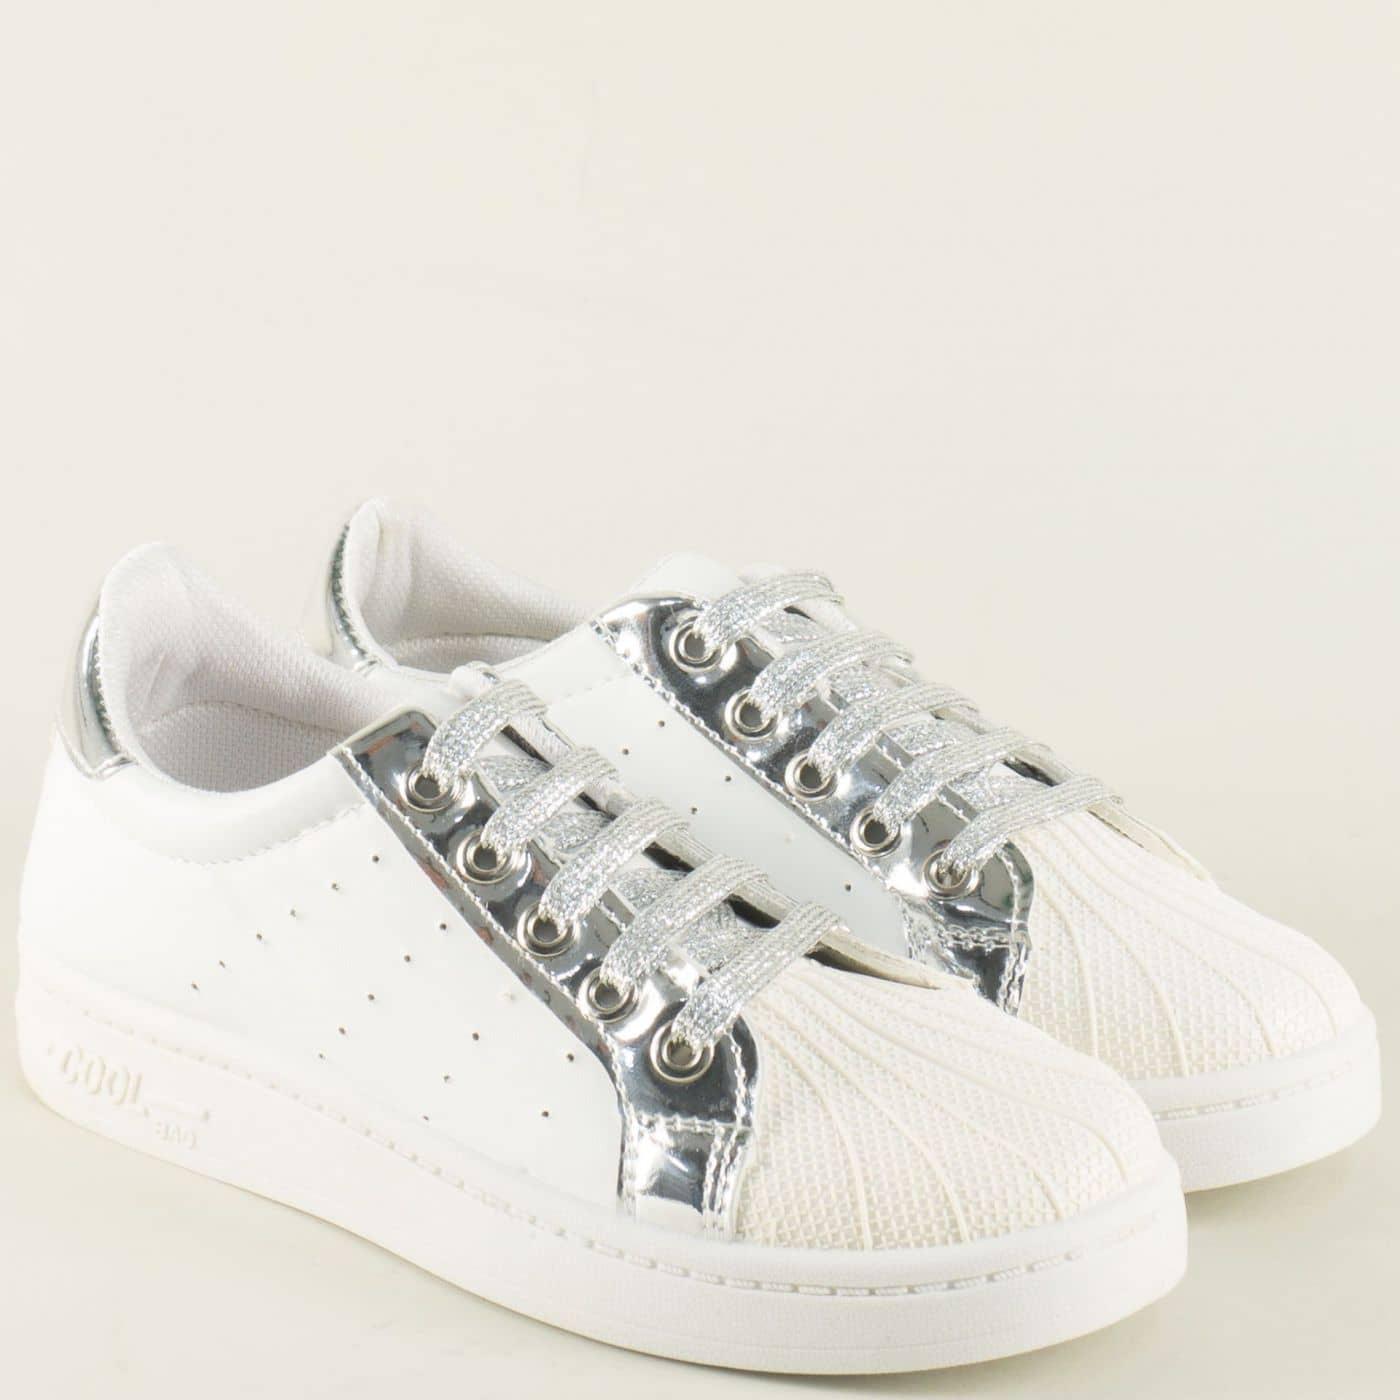 e721c8fece3 Дамски спортни обувки с връзки в бяло и сребро 308003b - Sisi-bg.com